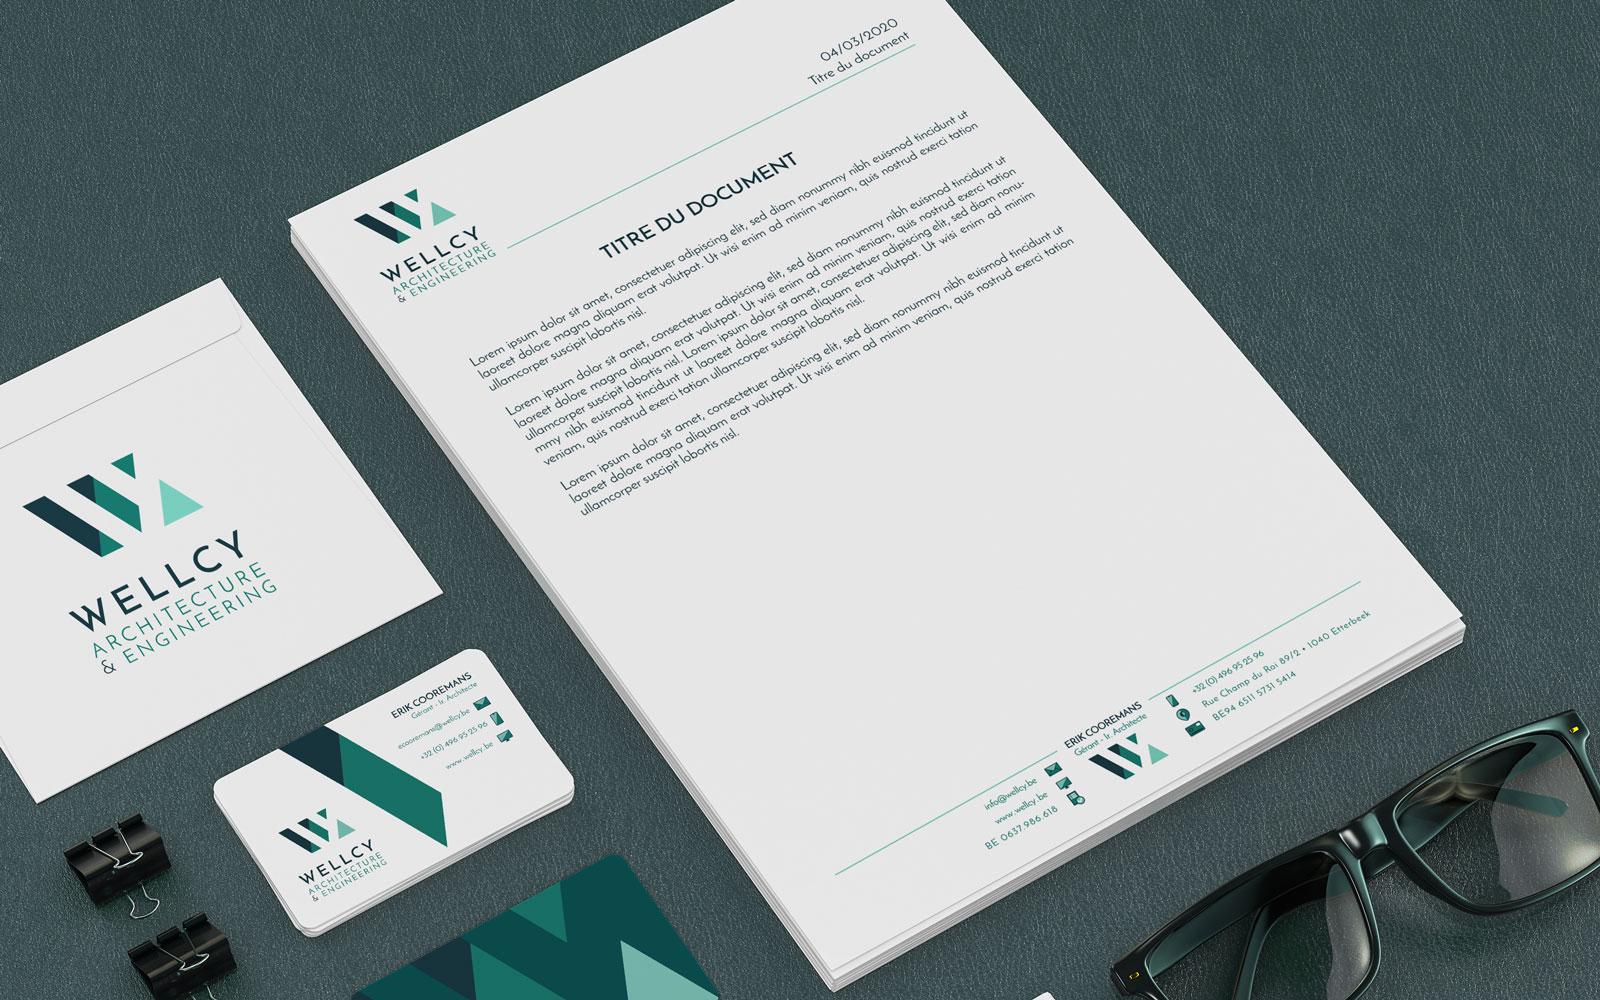 BL-Graphics - Wellcy - en-tête et pied de page de document